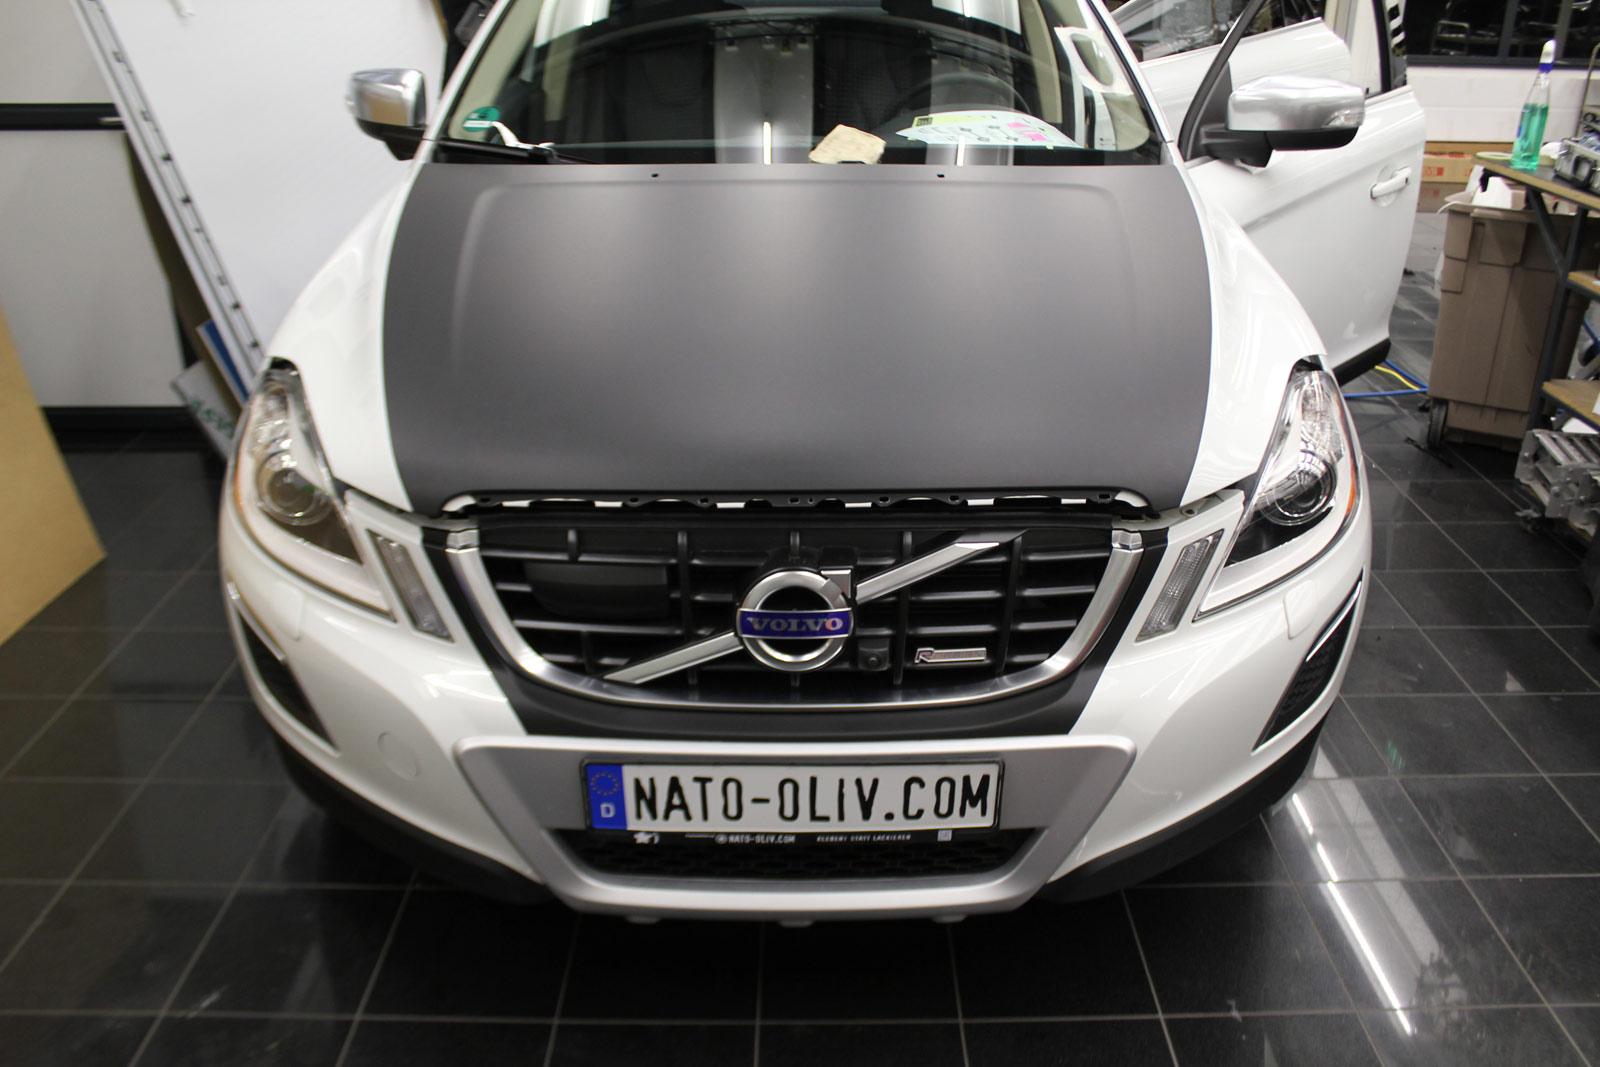 Volvo_XC60_Teilfolierung_schwarz_matt_haube_dach_01